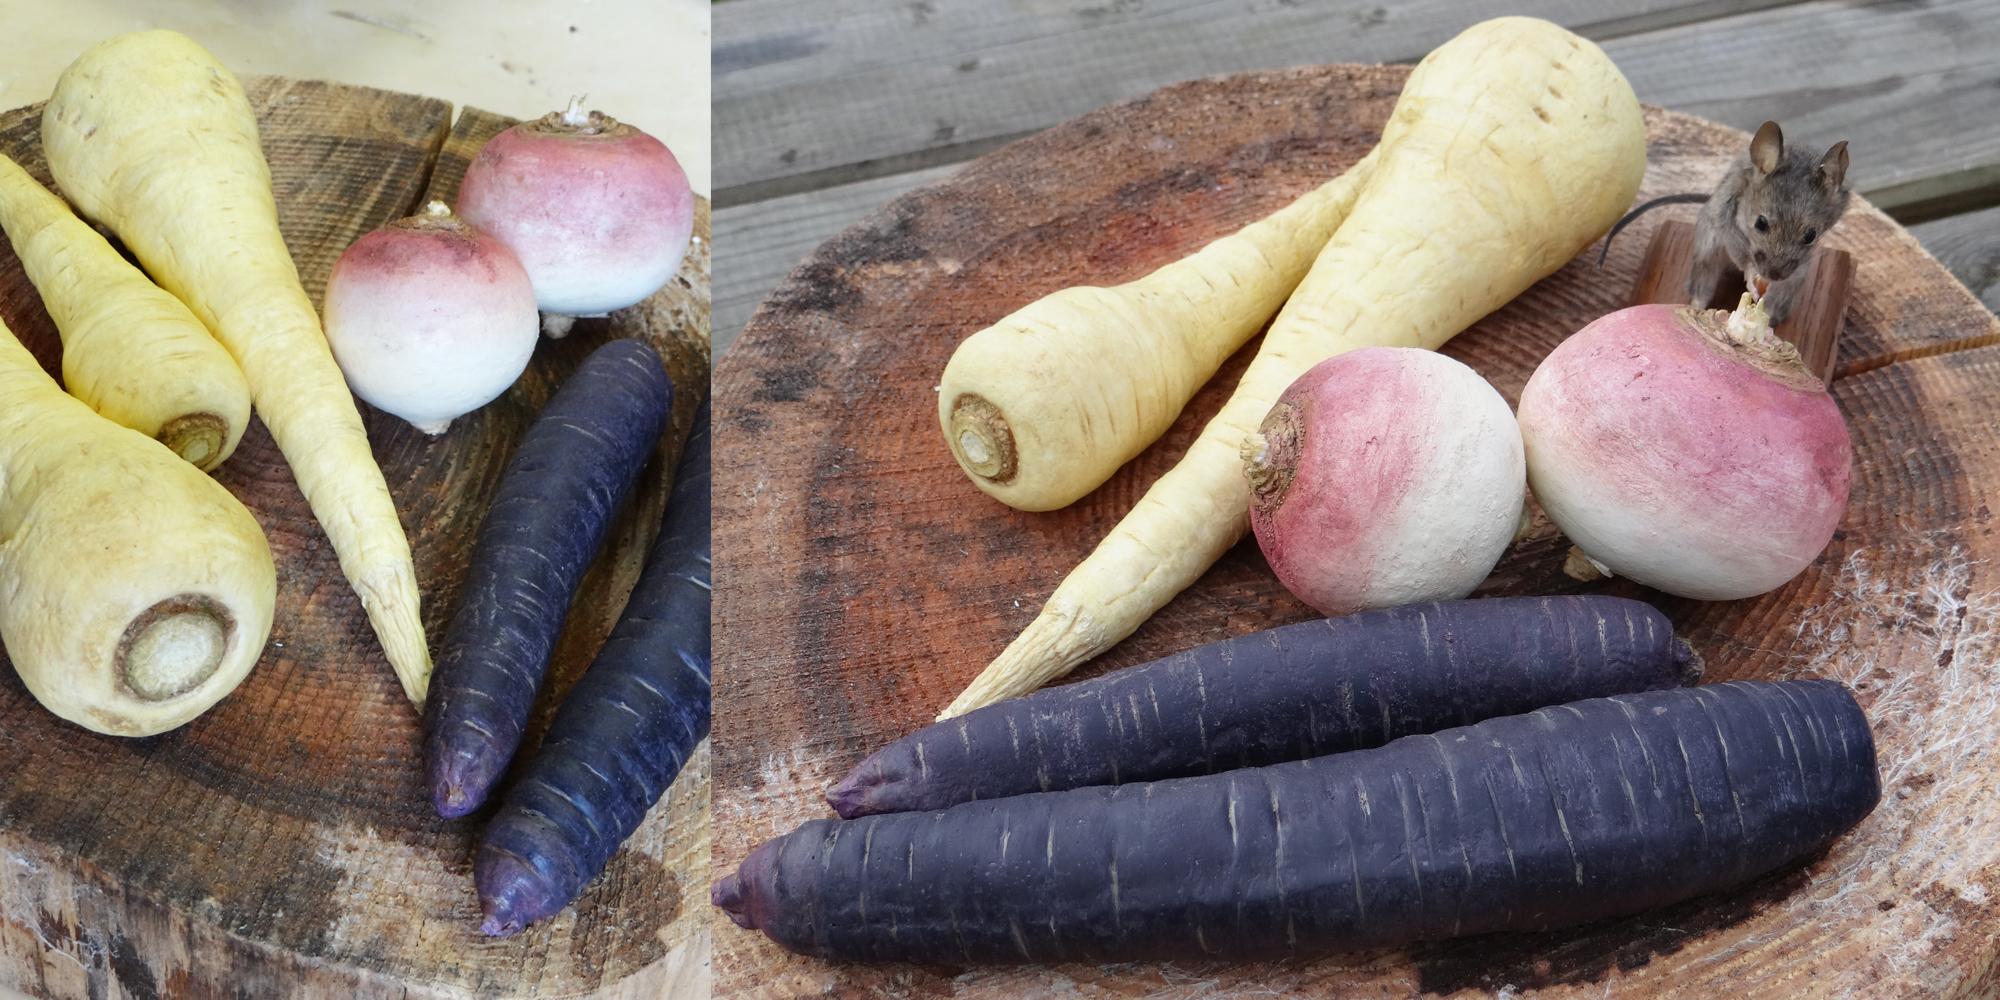 Légumes oubliés factices ; factices alimentaire de panais, carottes violettes et navets